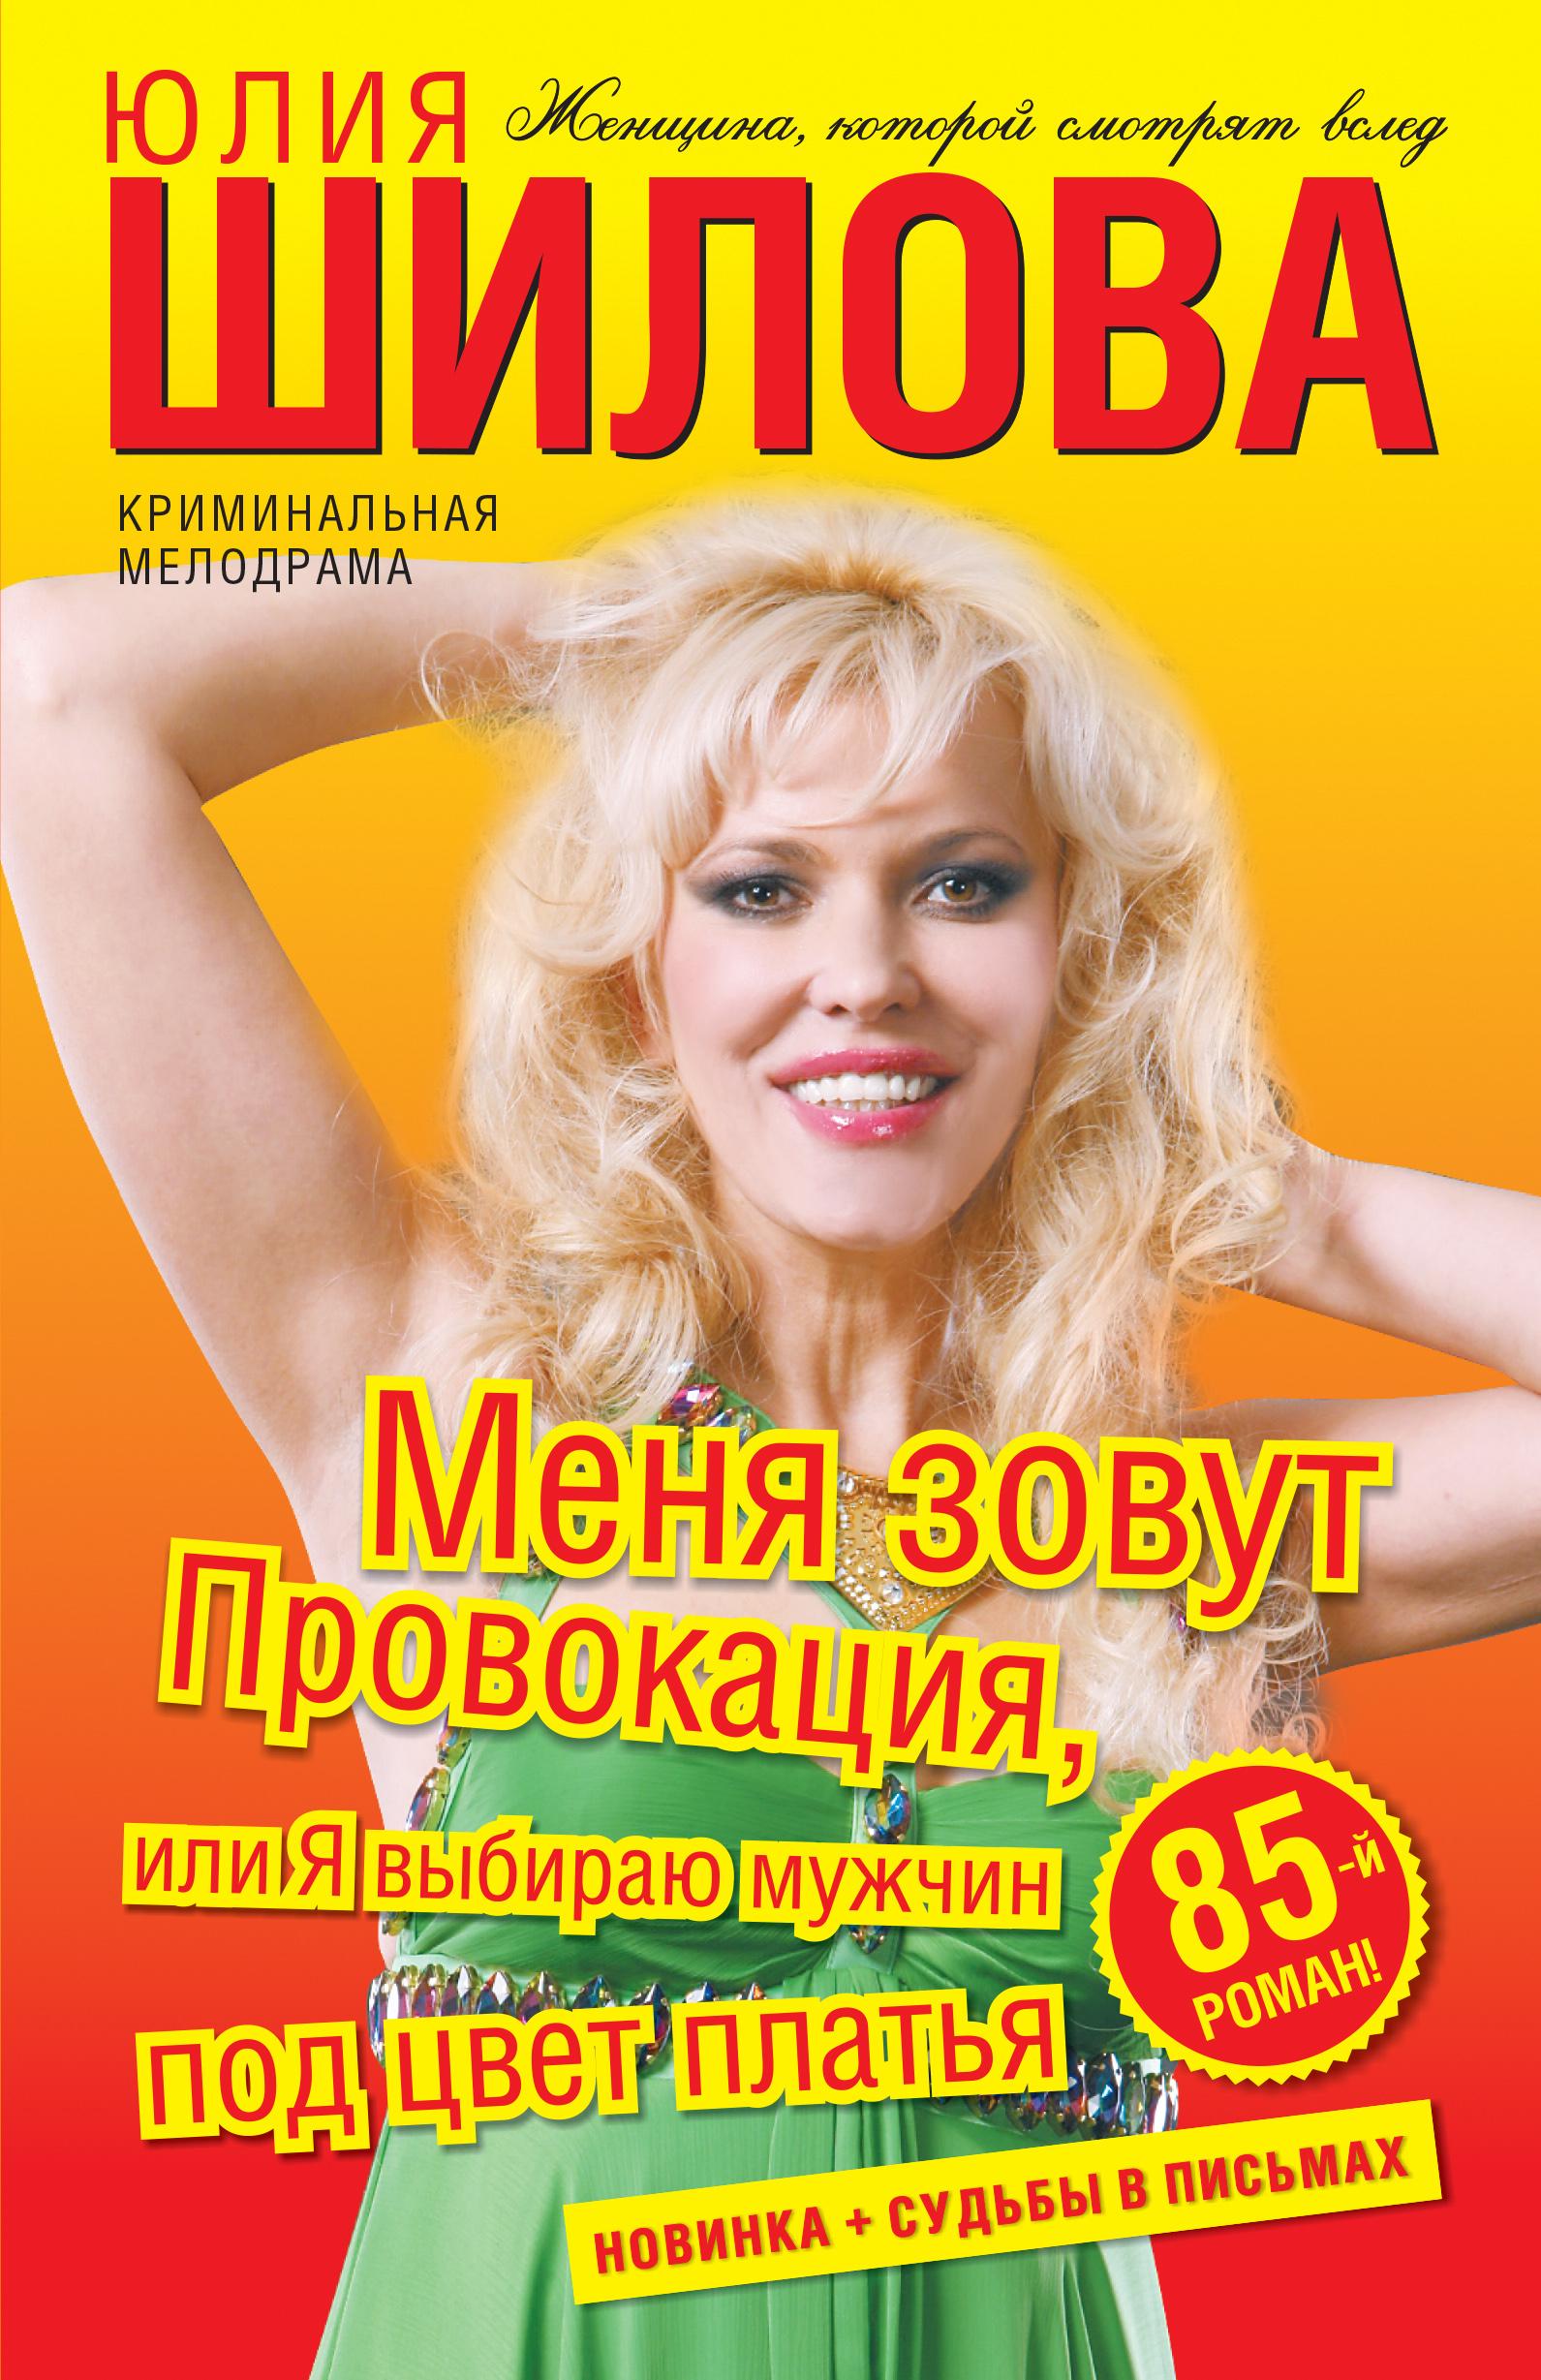 Юлия Шилова Меня зовут Провокация, или Я выбираю мужчин под цвет платья рубина дина ильинична один интеллигент уселся на дороге мяг